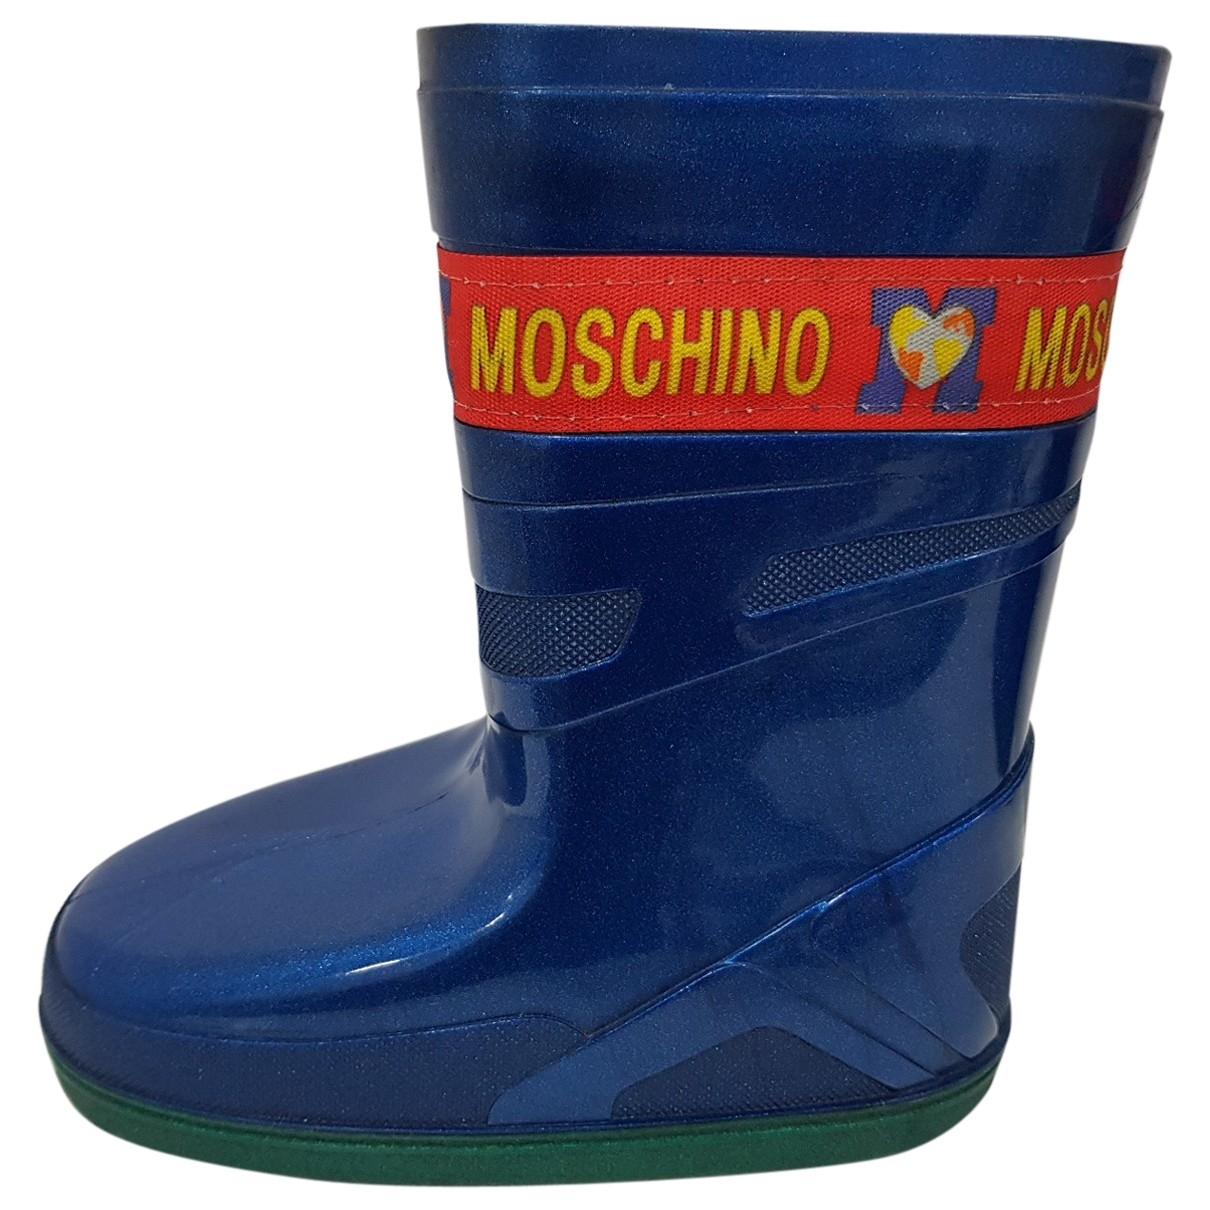 Botas Moschino